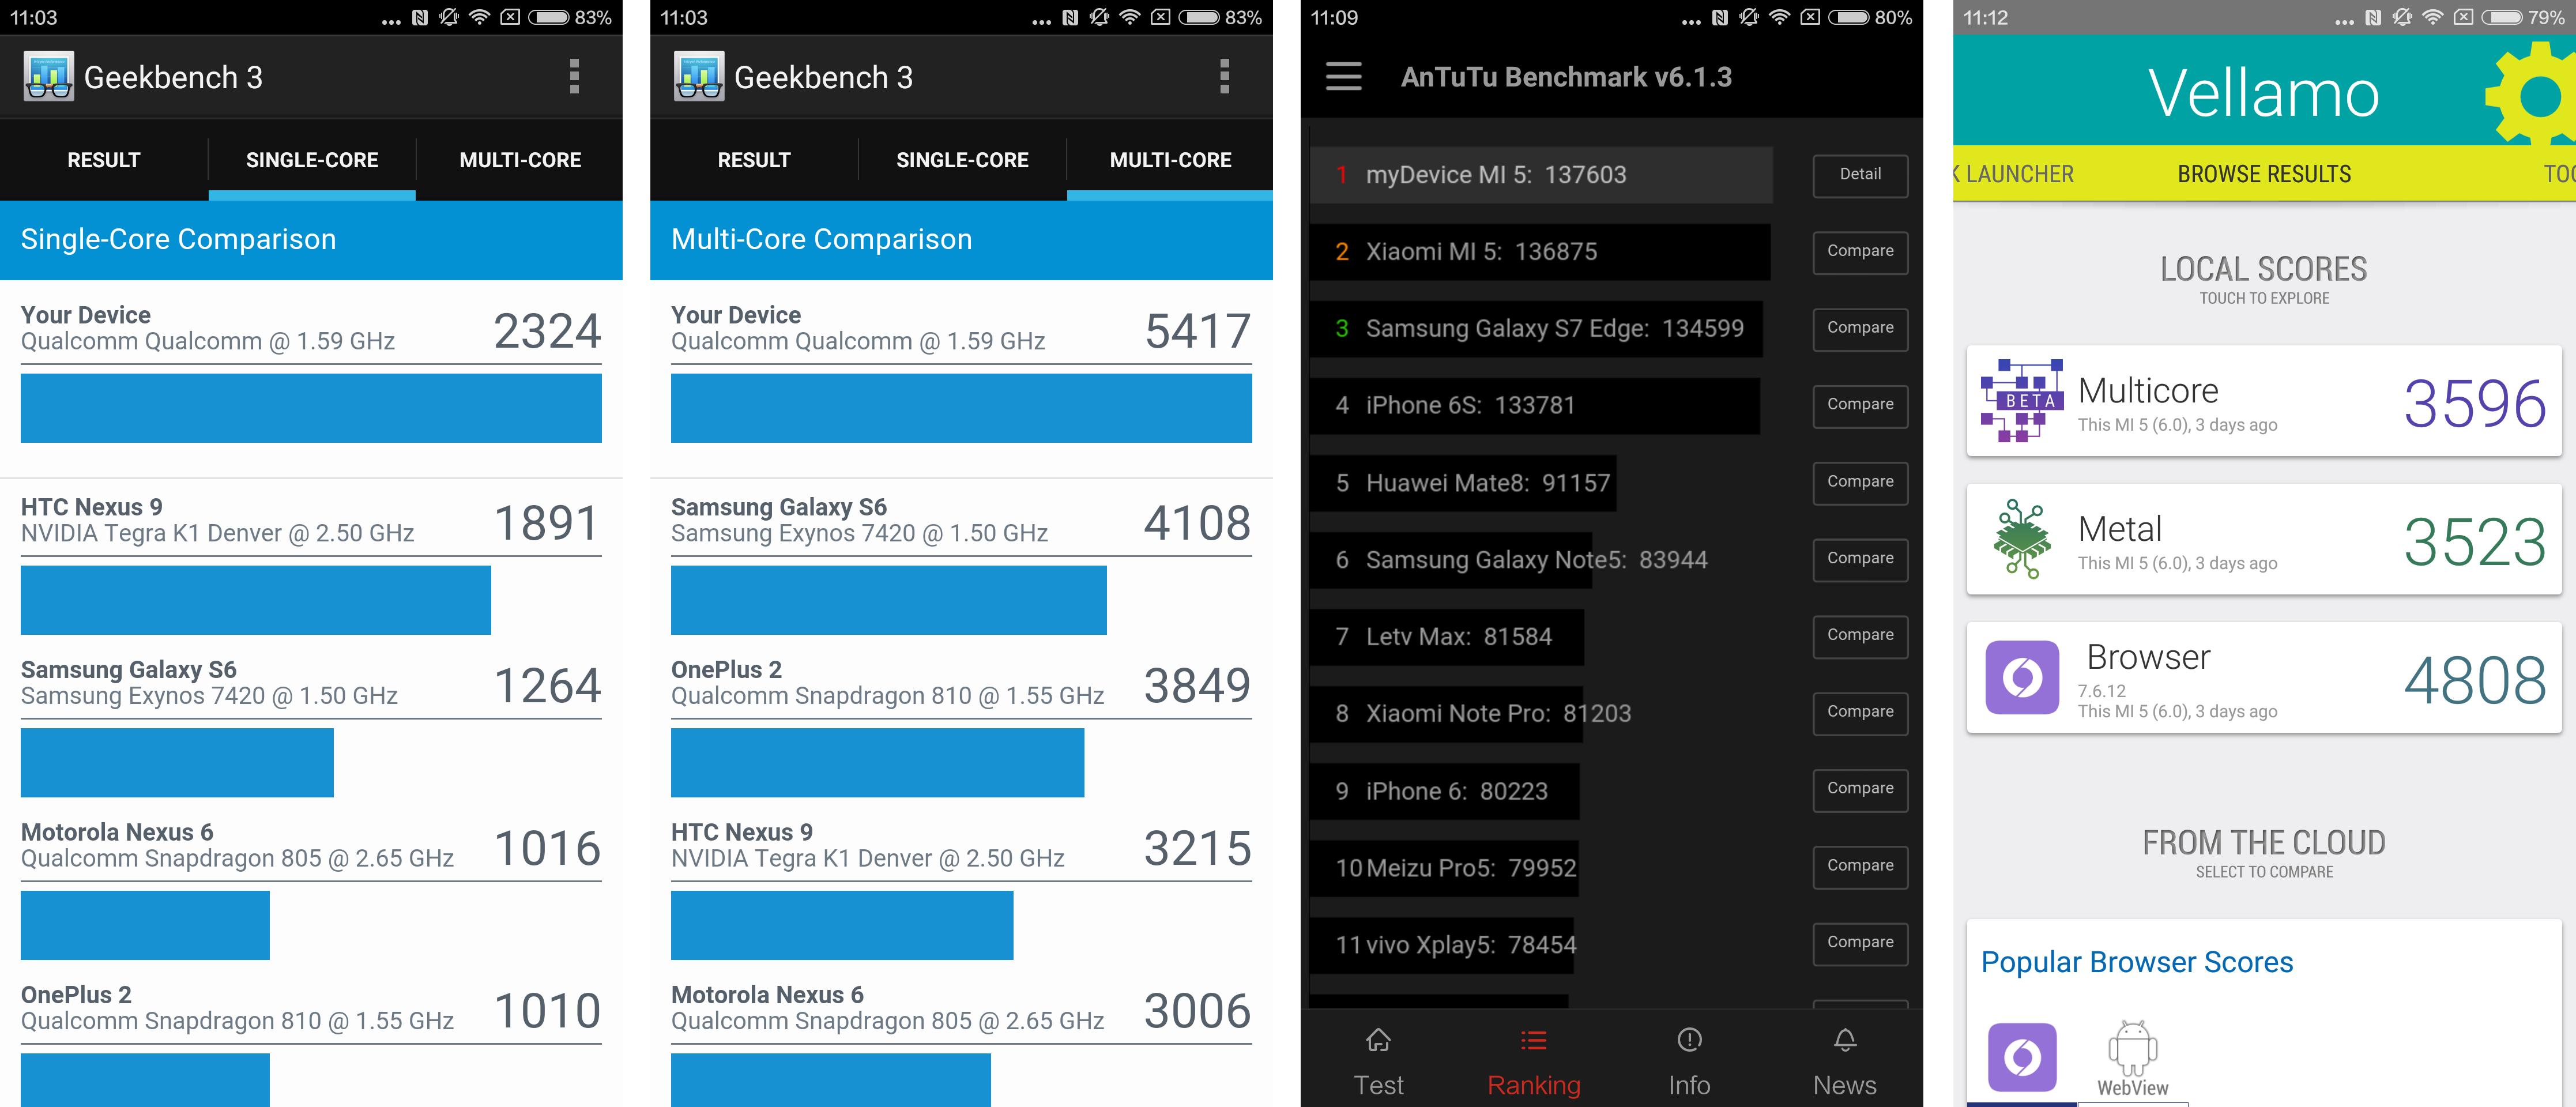 Benchmark Ergebnisse von Vellamo, Geekbench und Antutu beim Mi 5